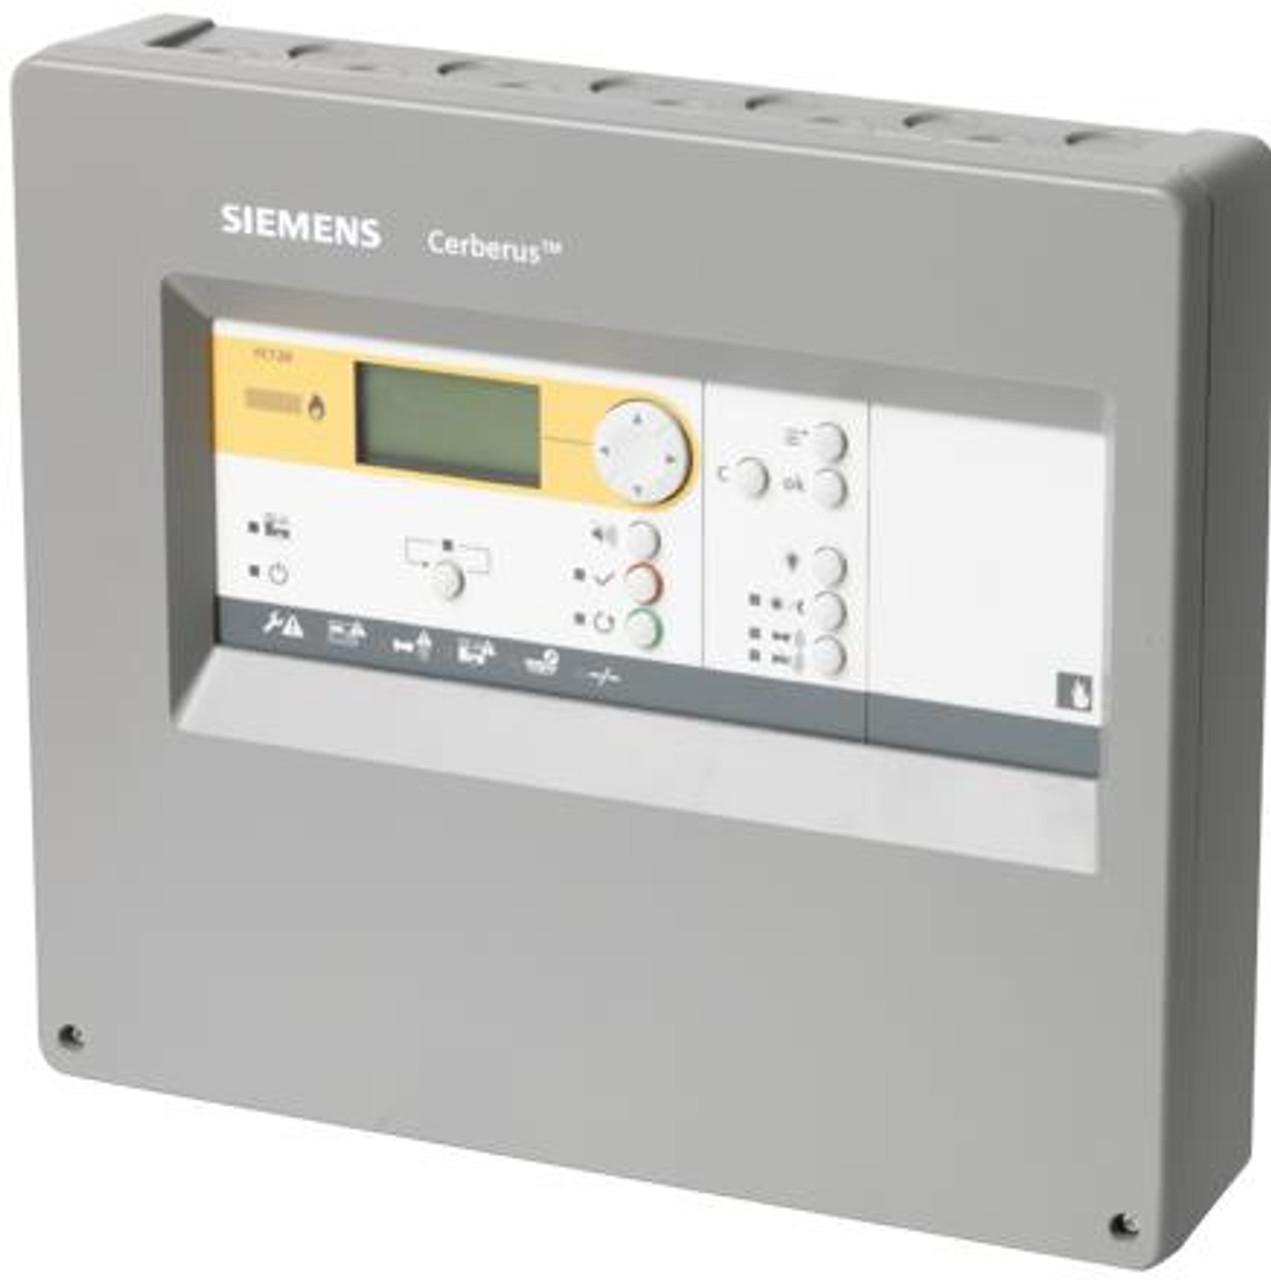 Siemens FC121-ZA, S54400-C131-A1, Fire control panel, 2 zones